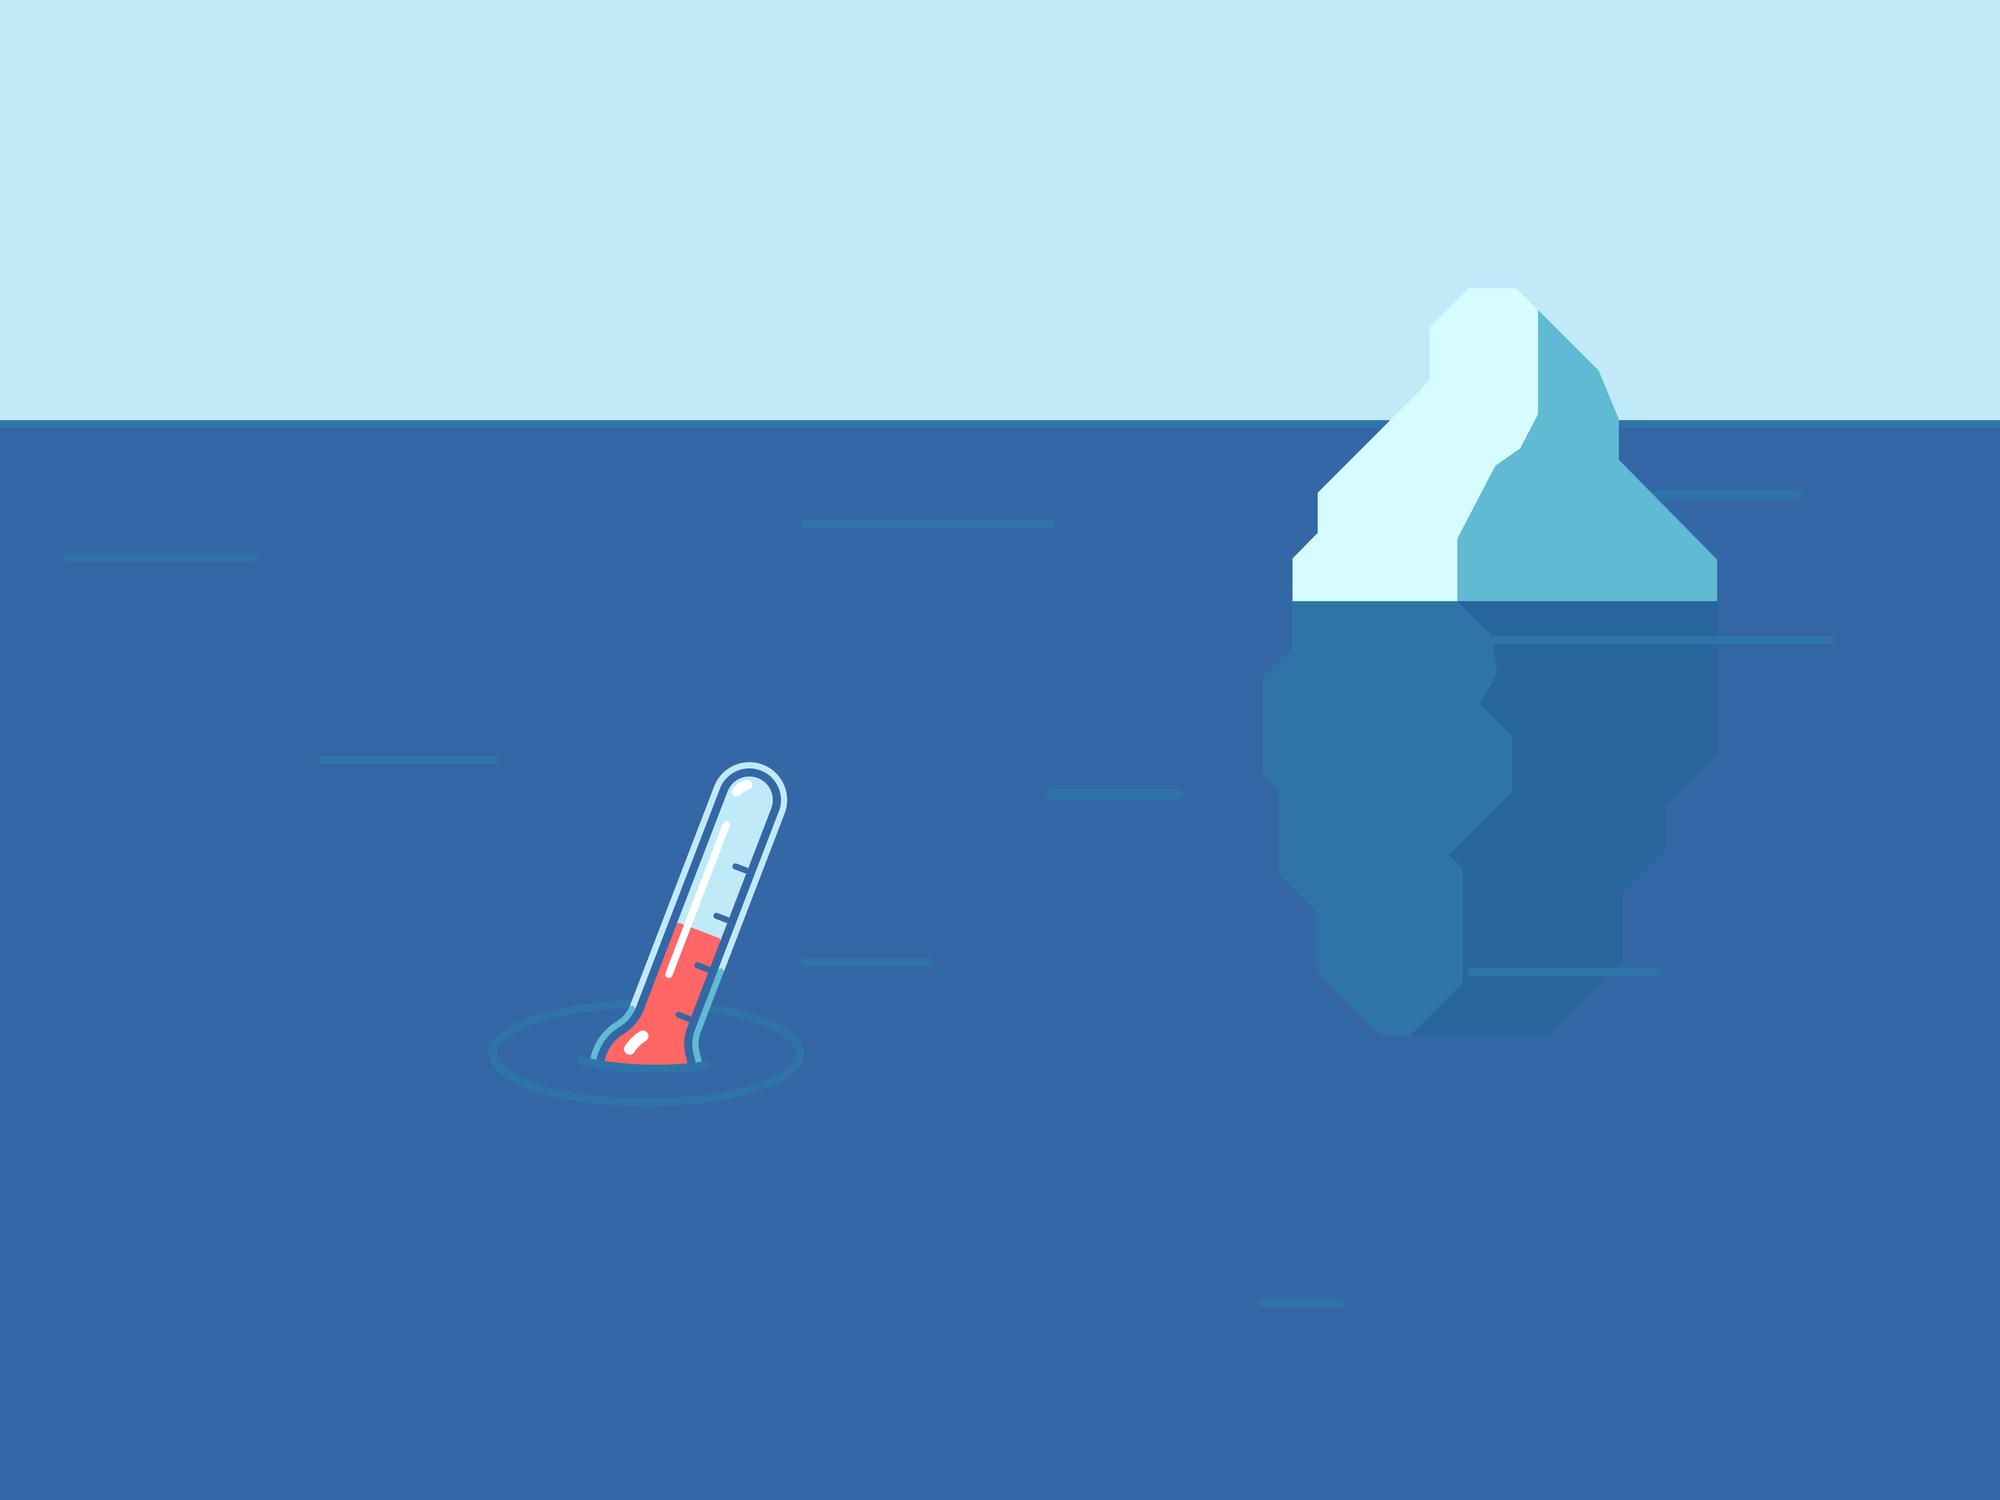 Un termómetro en el agua con un iceberg detrás.